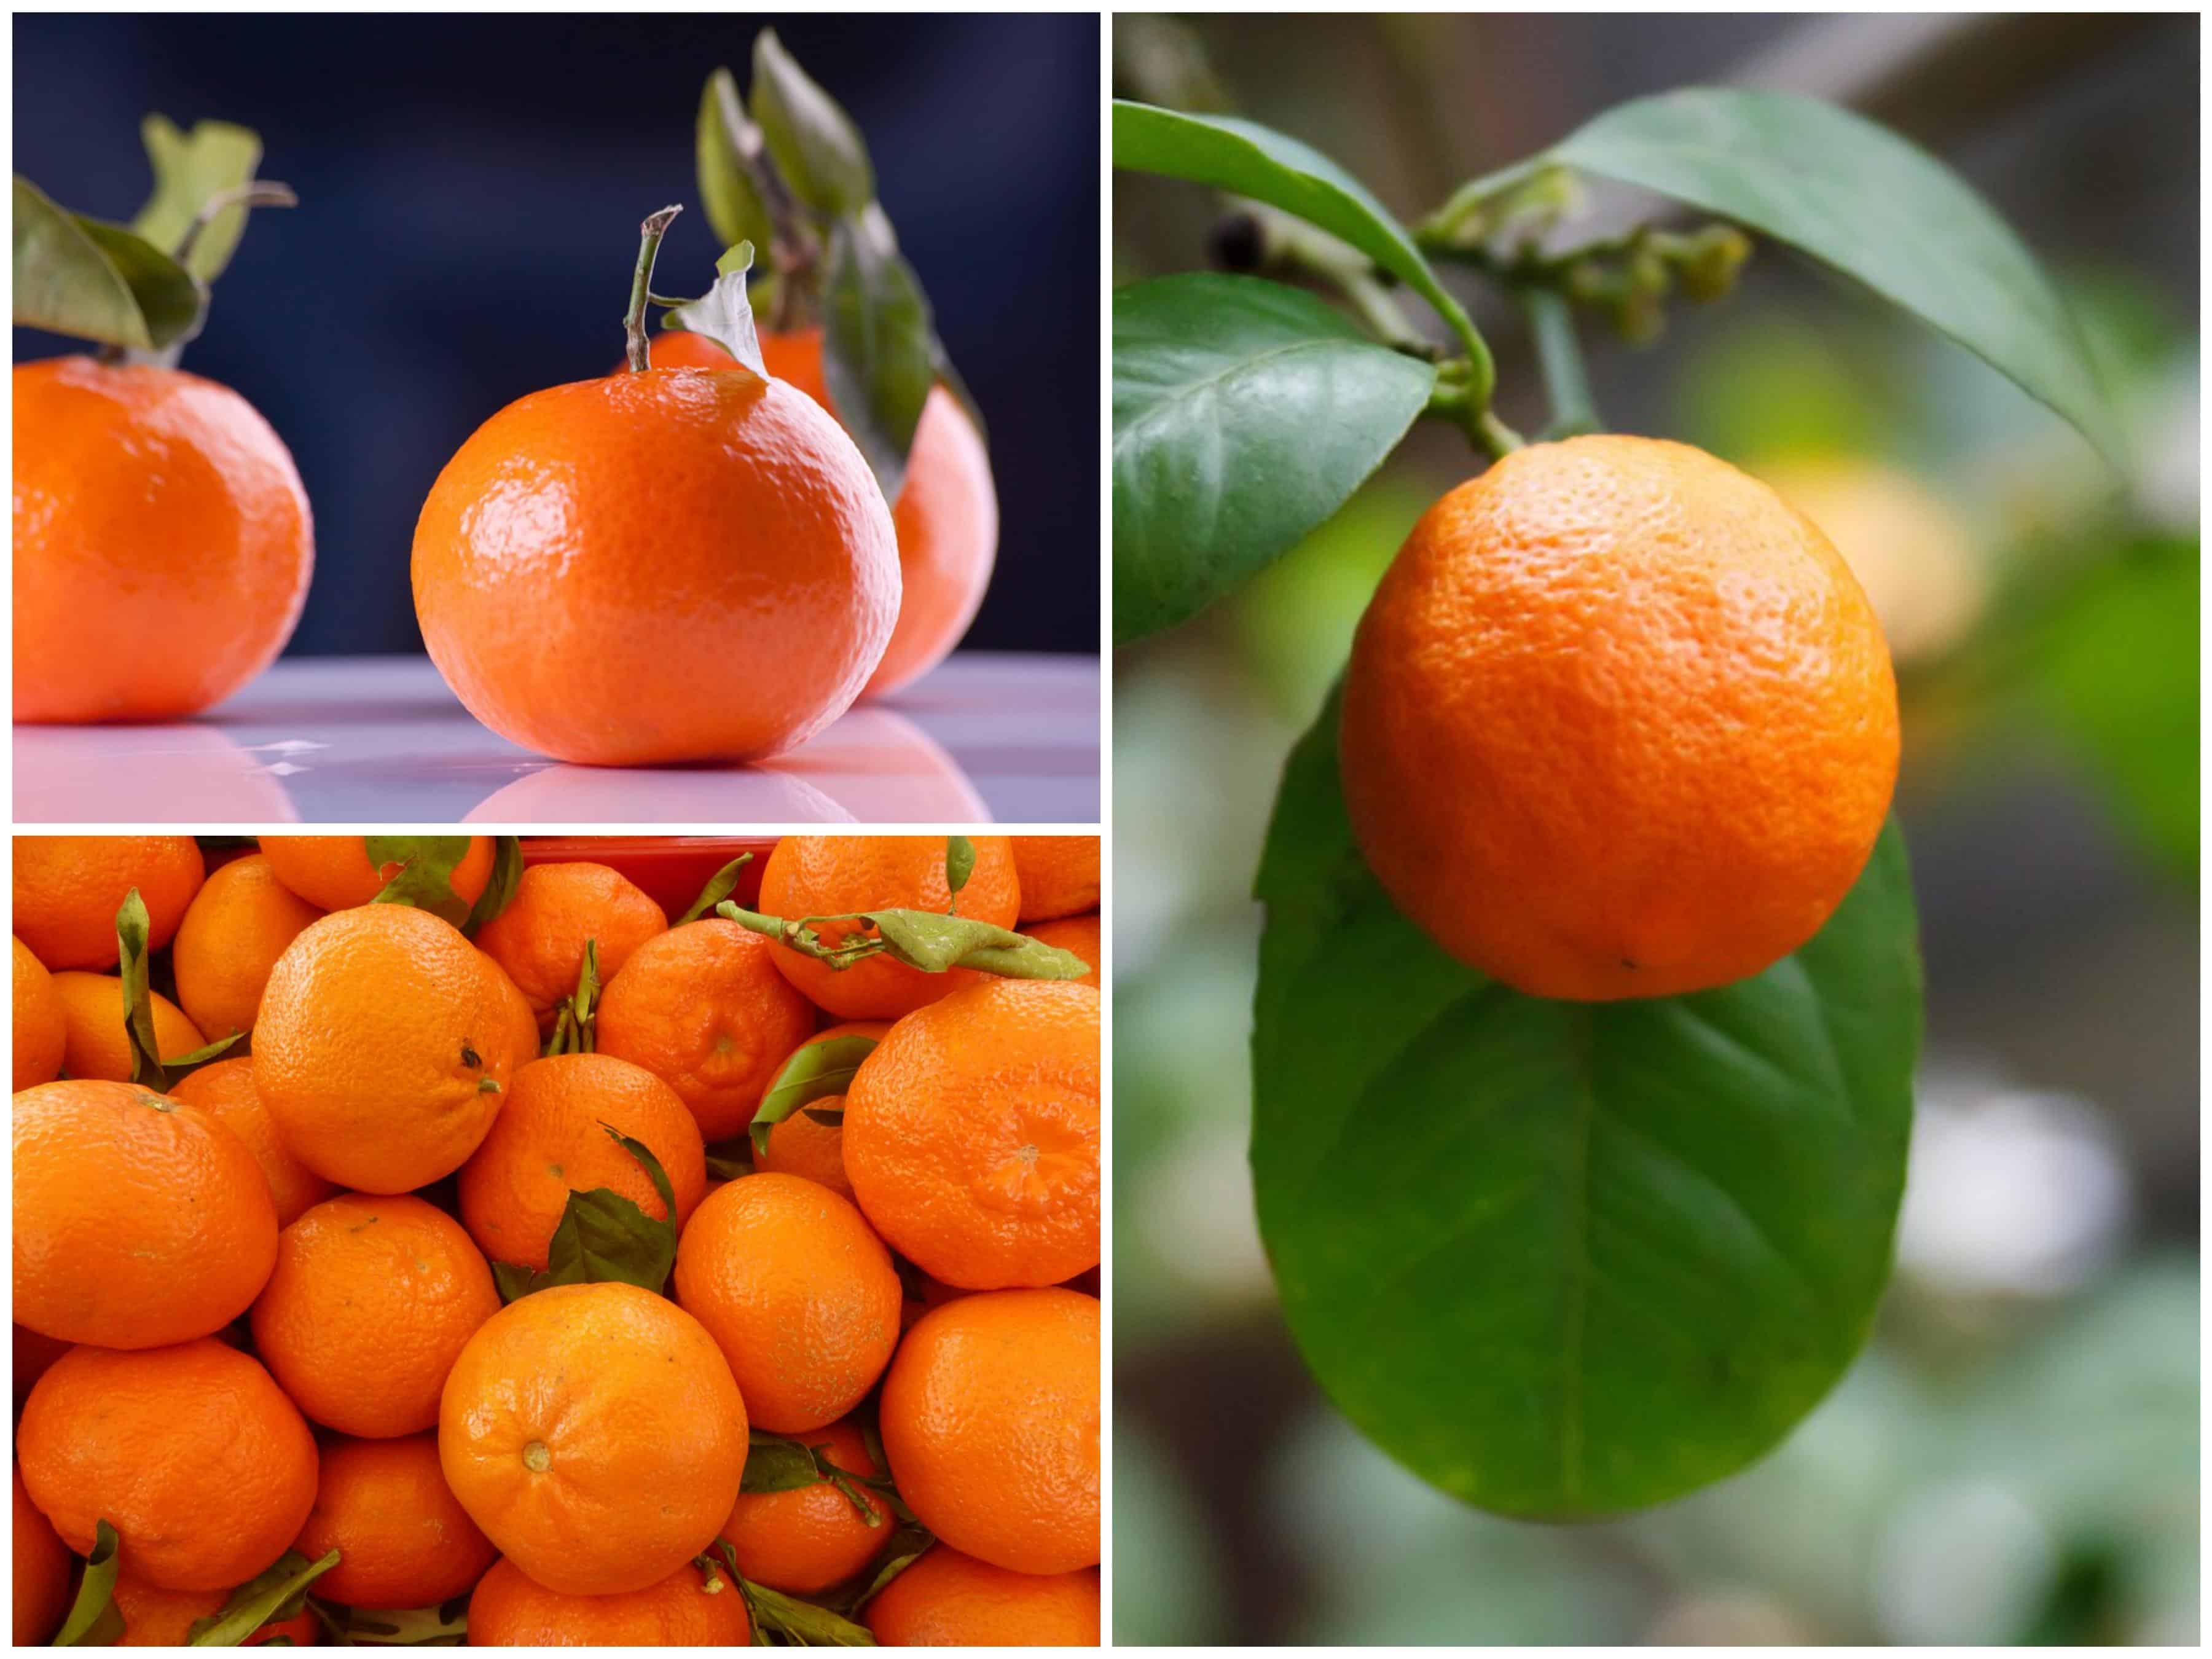 Jak posadzić mandarynki w domu? Krok po kroku!